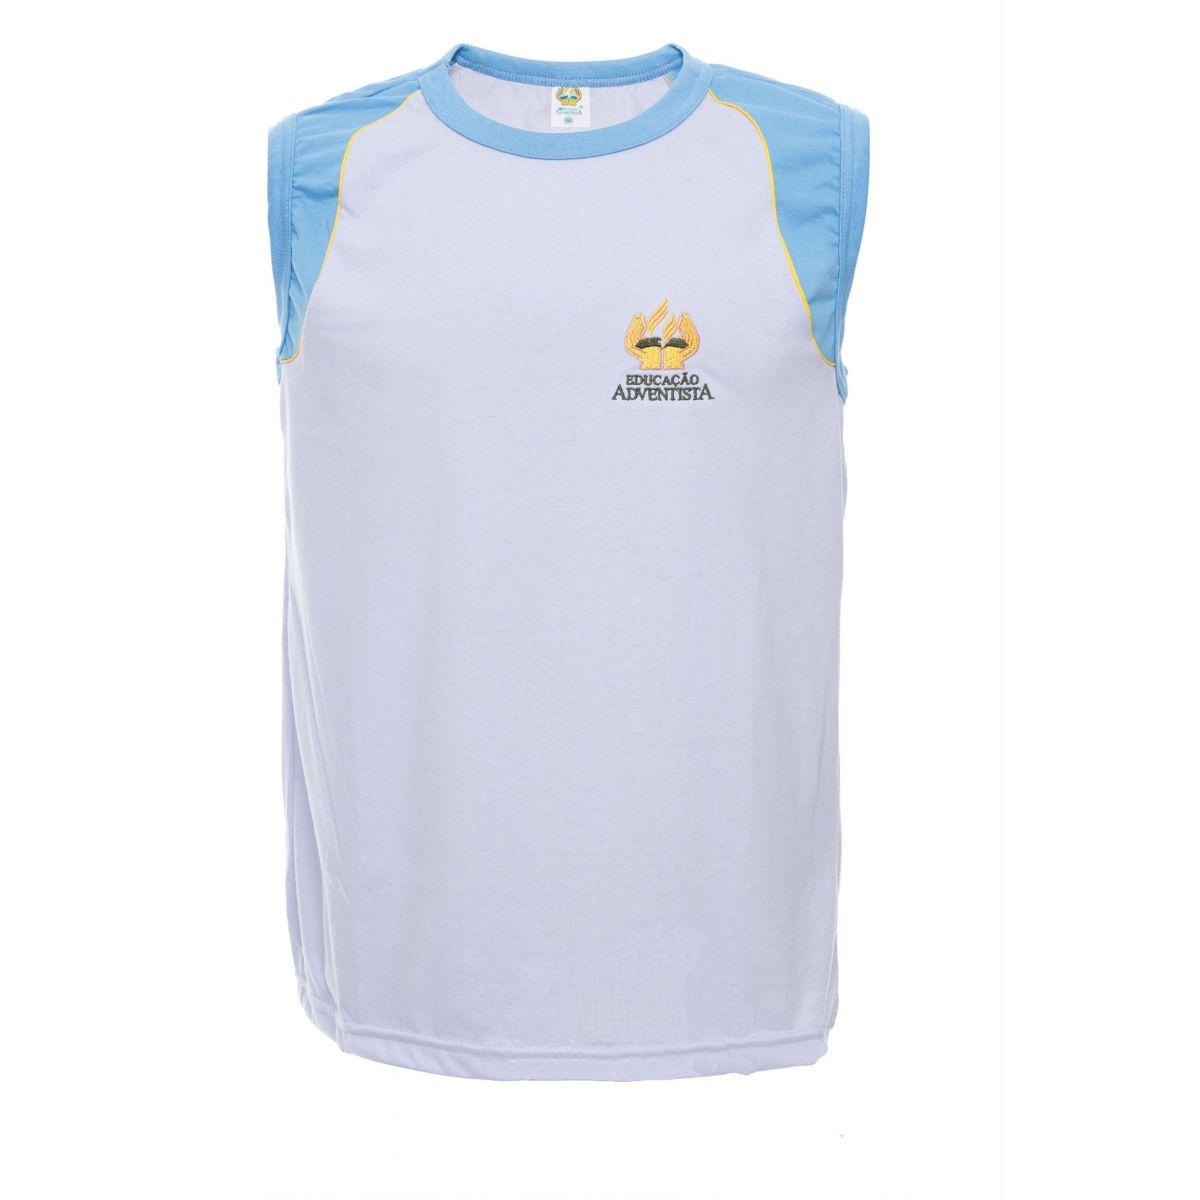 Camiseta S/ Manga - GI ( 14-36)